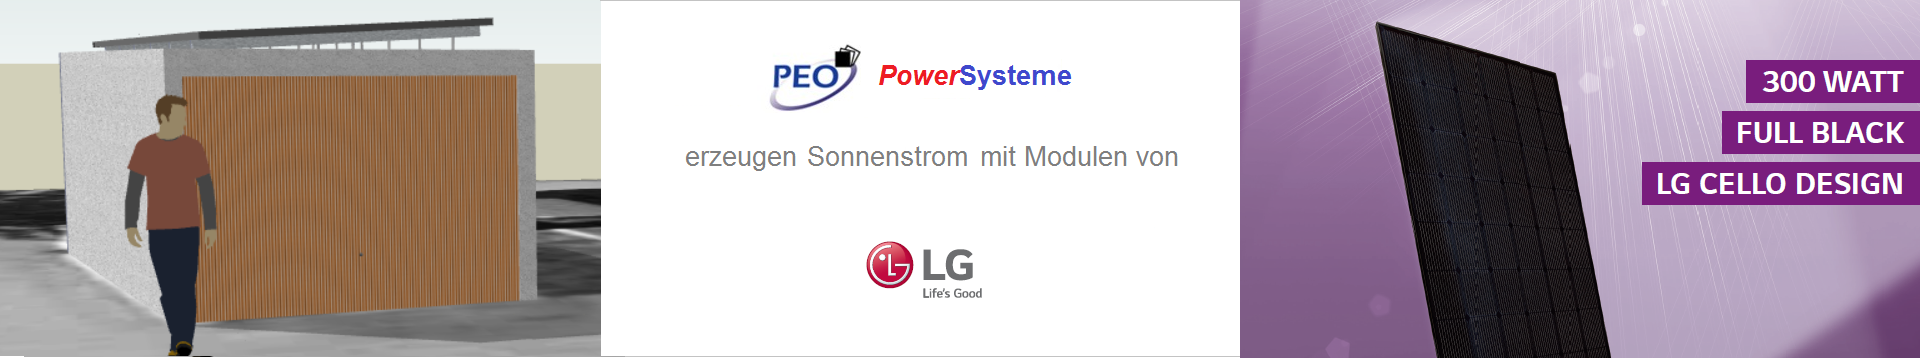 PowerSystem HOMEline für Garage mit Flachdach & Modulen von LG